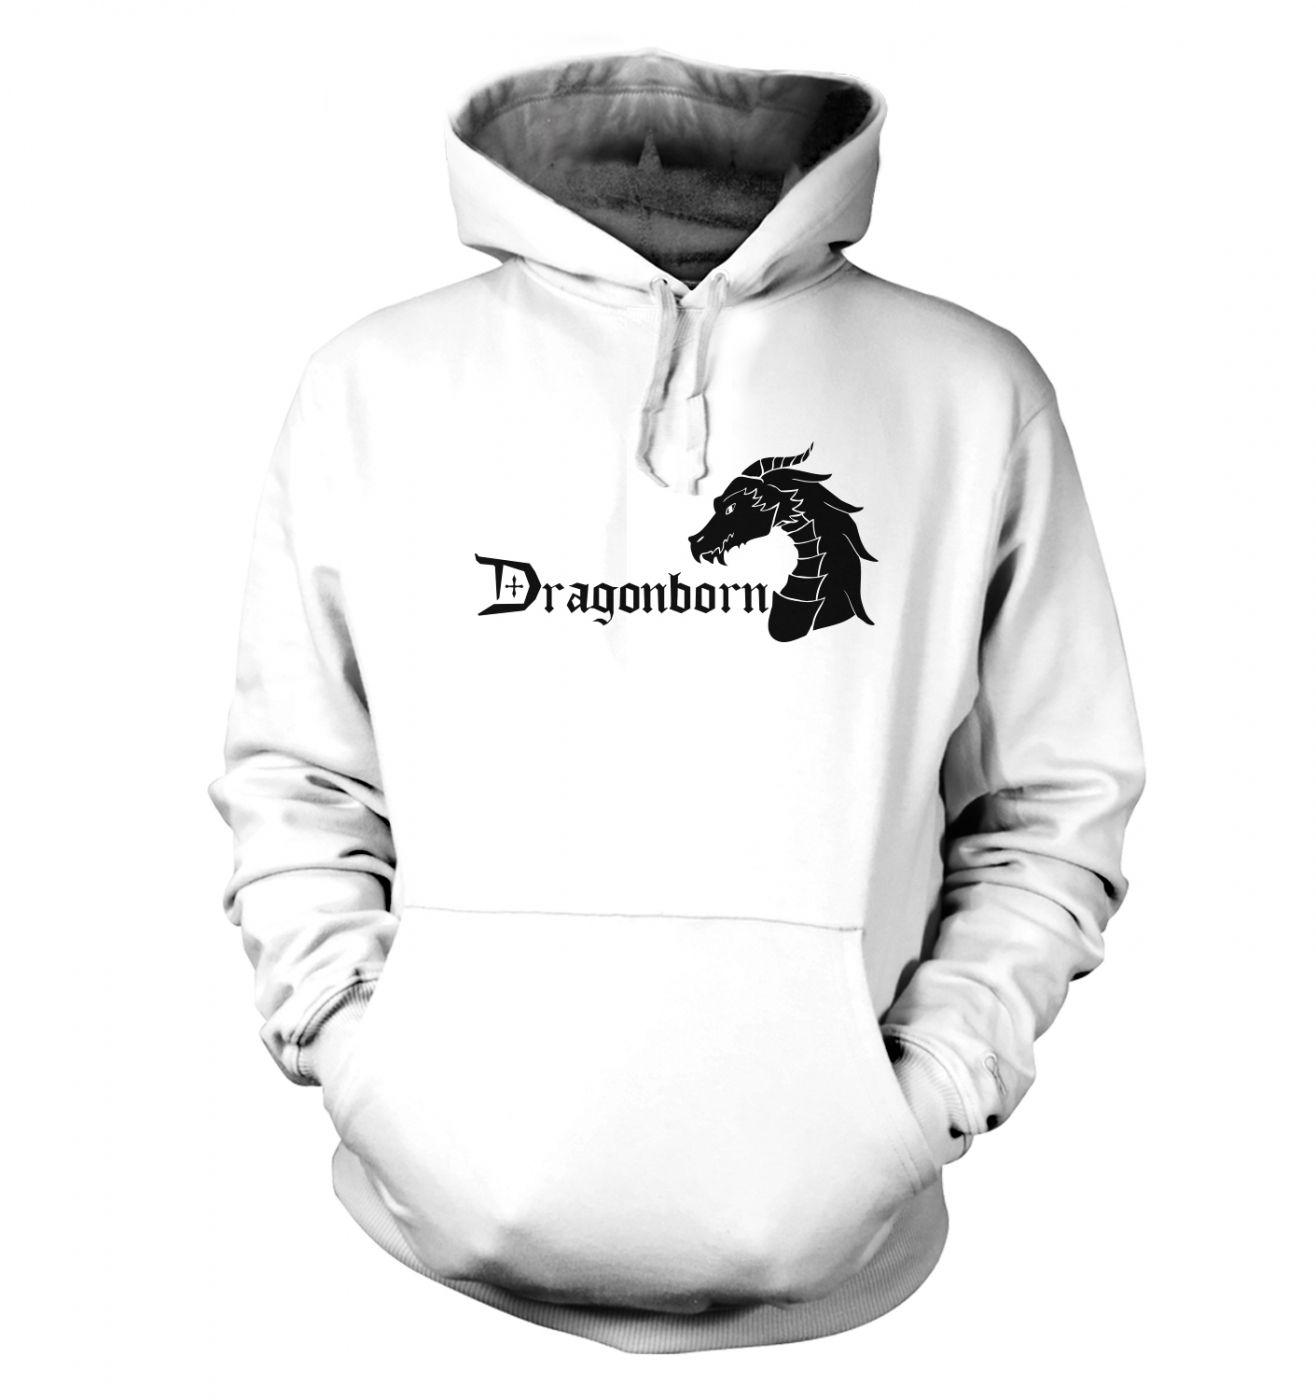 Dragonborn hoodie